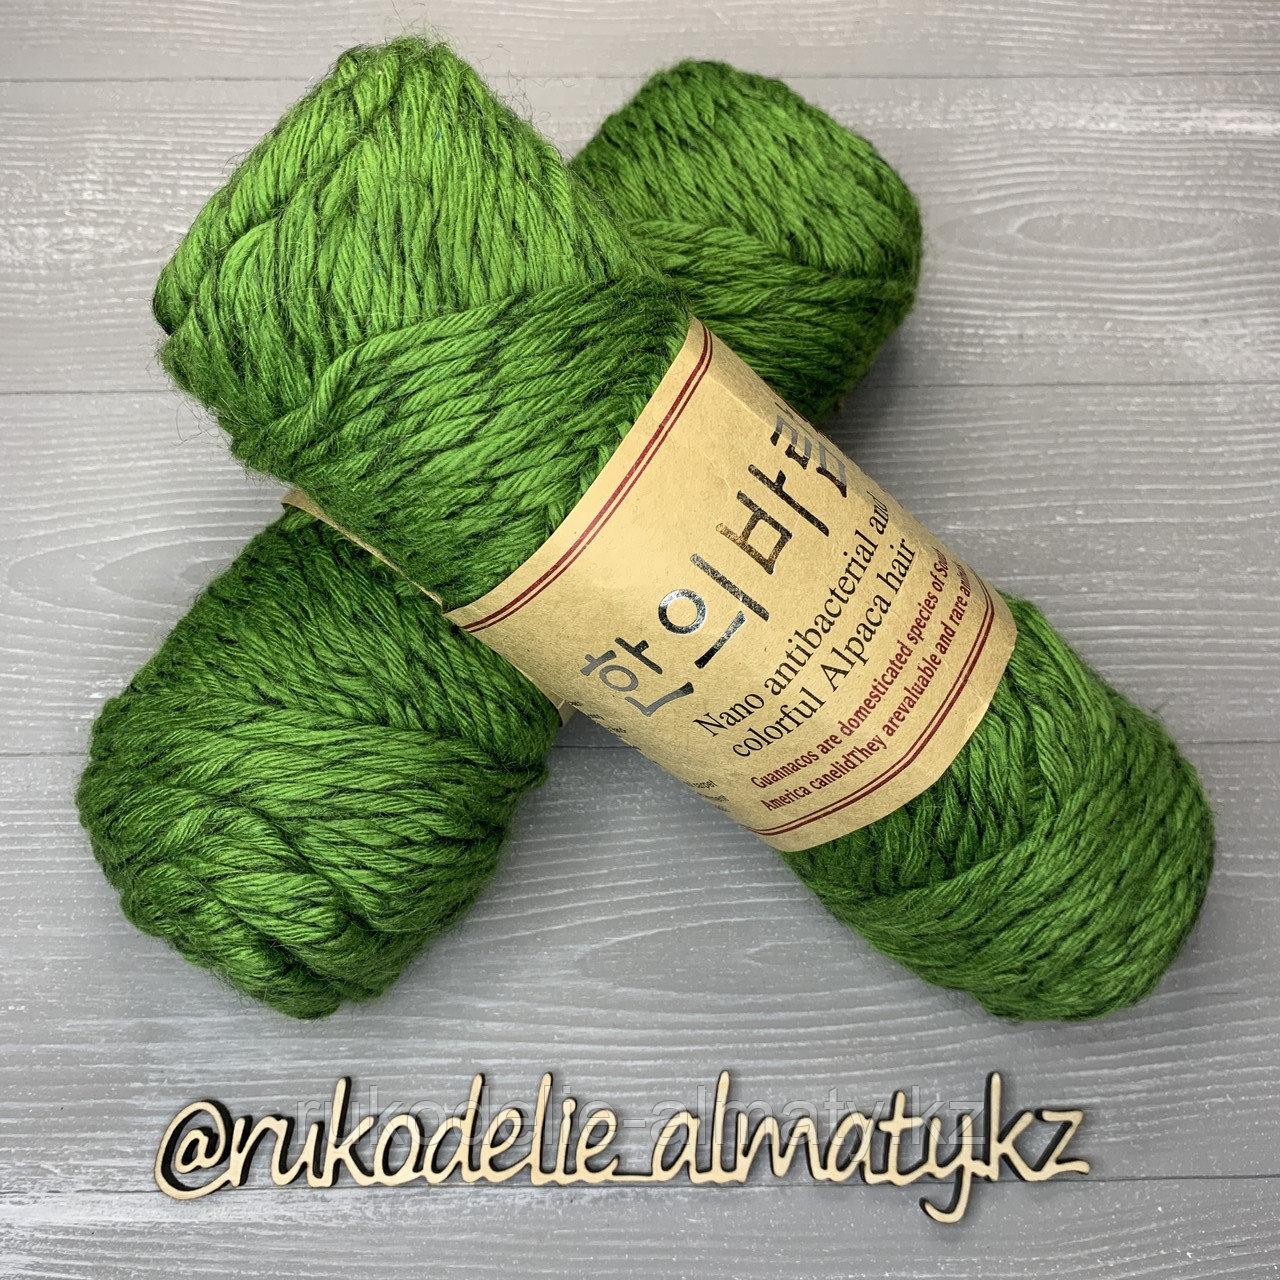 """Пряжа для ручного вязания """"NANO """", 100 гр, цвет-светло-серый салатовый - фото 1"""